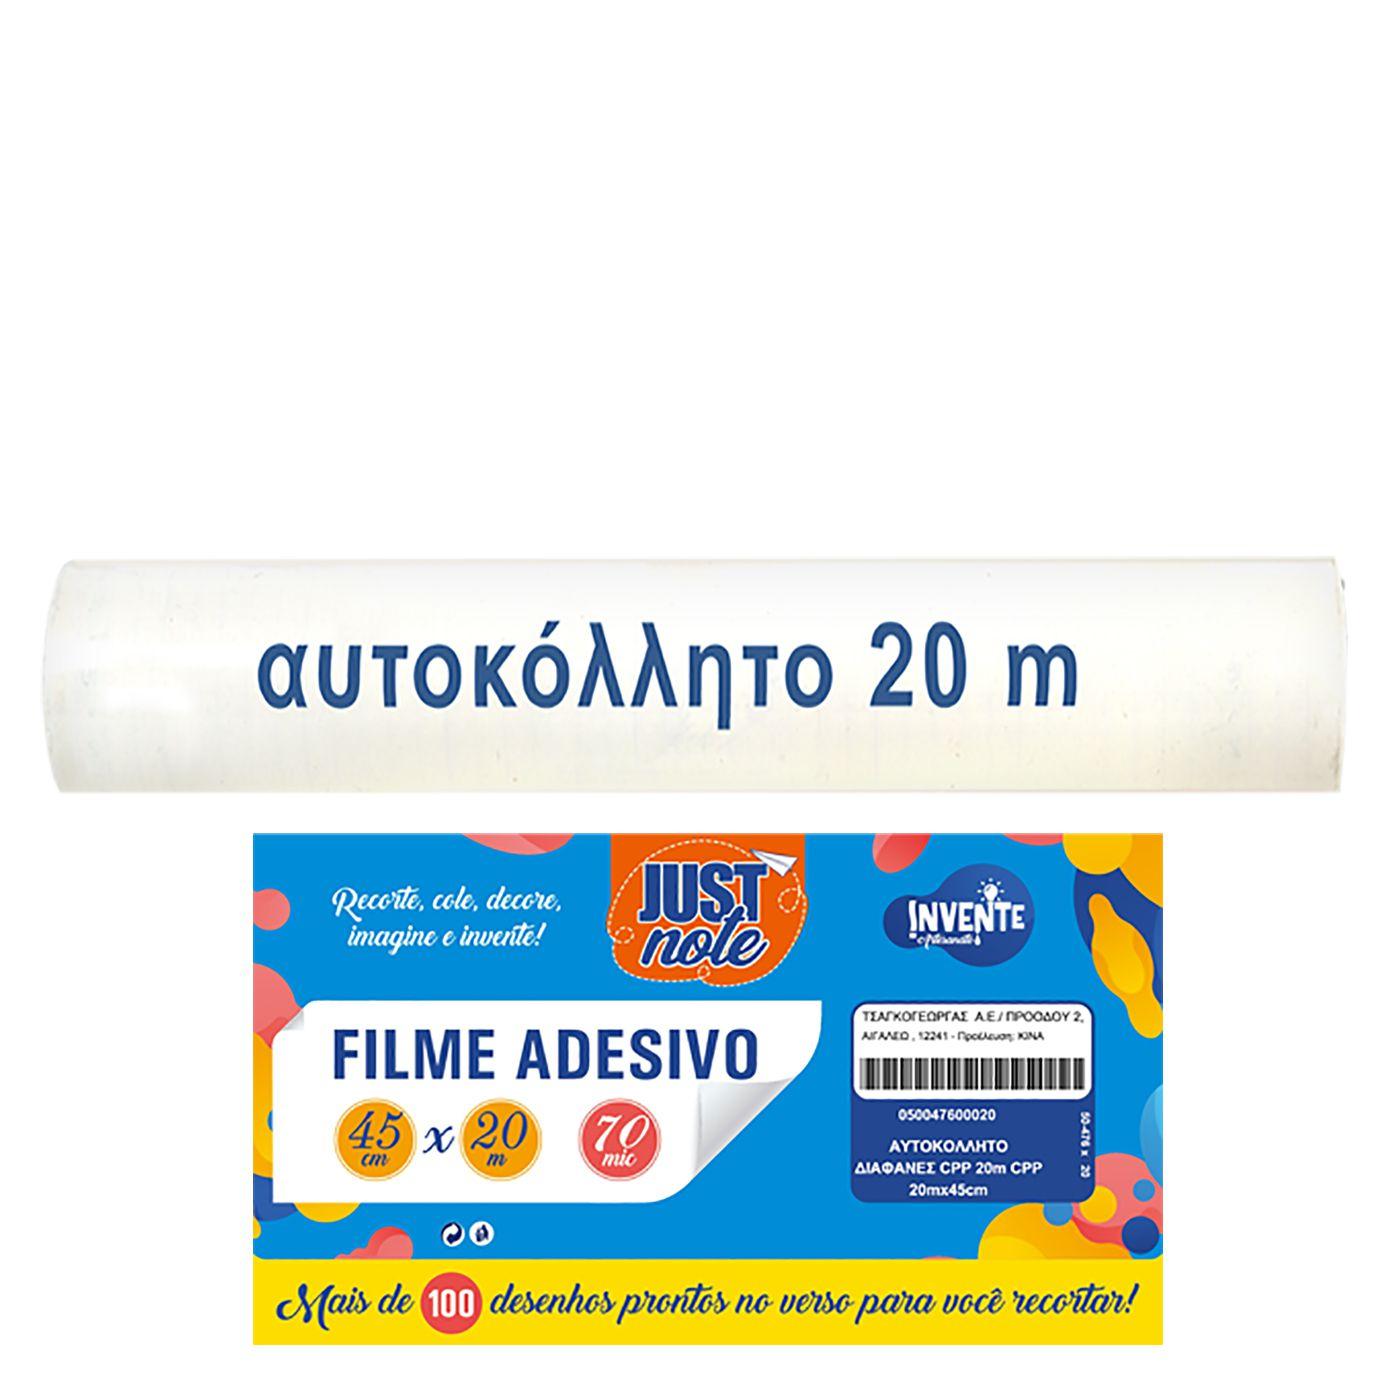 ΑΥΤΟΚΟΛΛΗΤΟ ΔΙΑΦΑΝΕΣ CPP 20m ΠΛΑΤΟΣ=45cm,ΠΑΧΟΣ=0,07mm